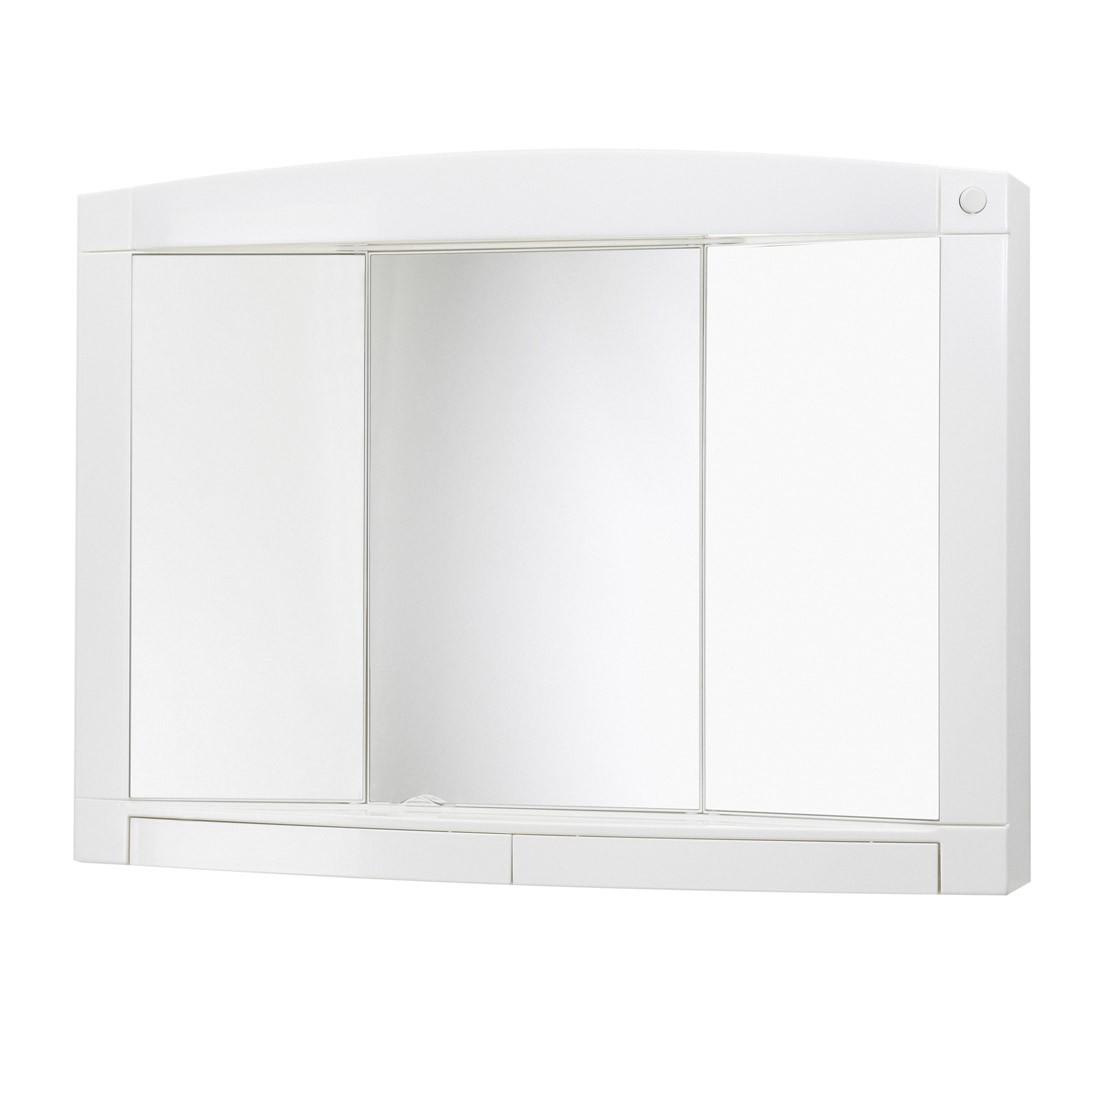 energia A+, Armadietto a specchio Swing - Inclusivo di due cassetti, Jokey